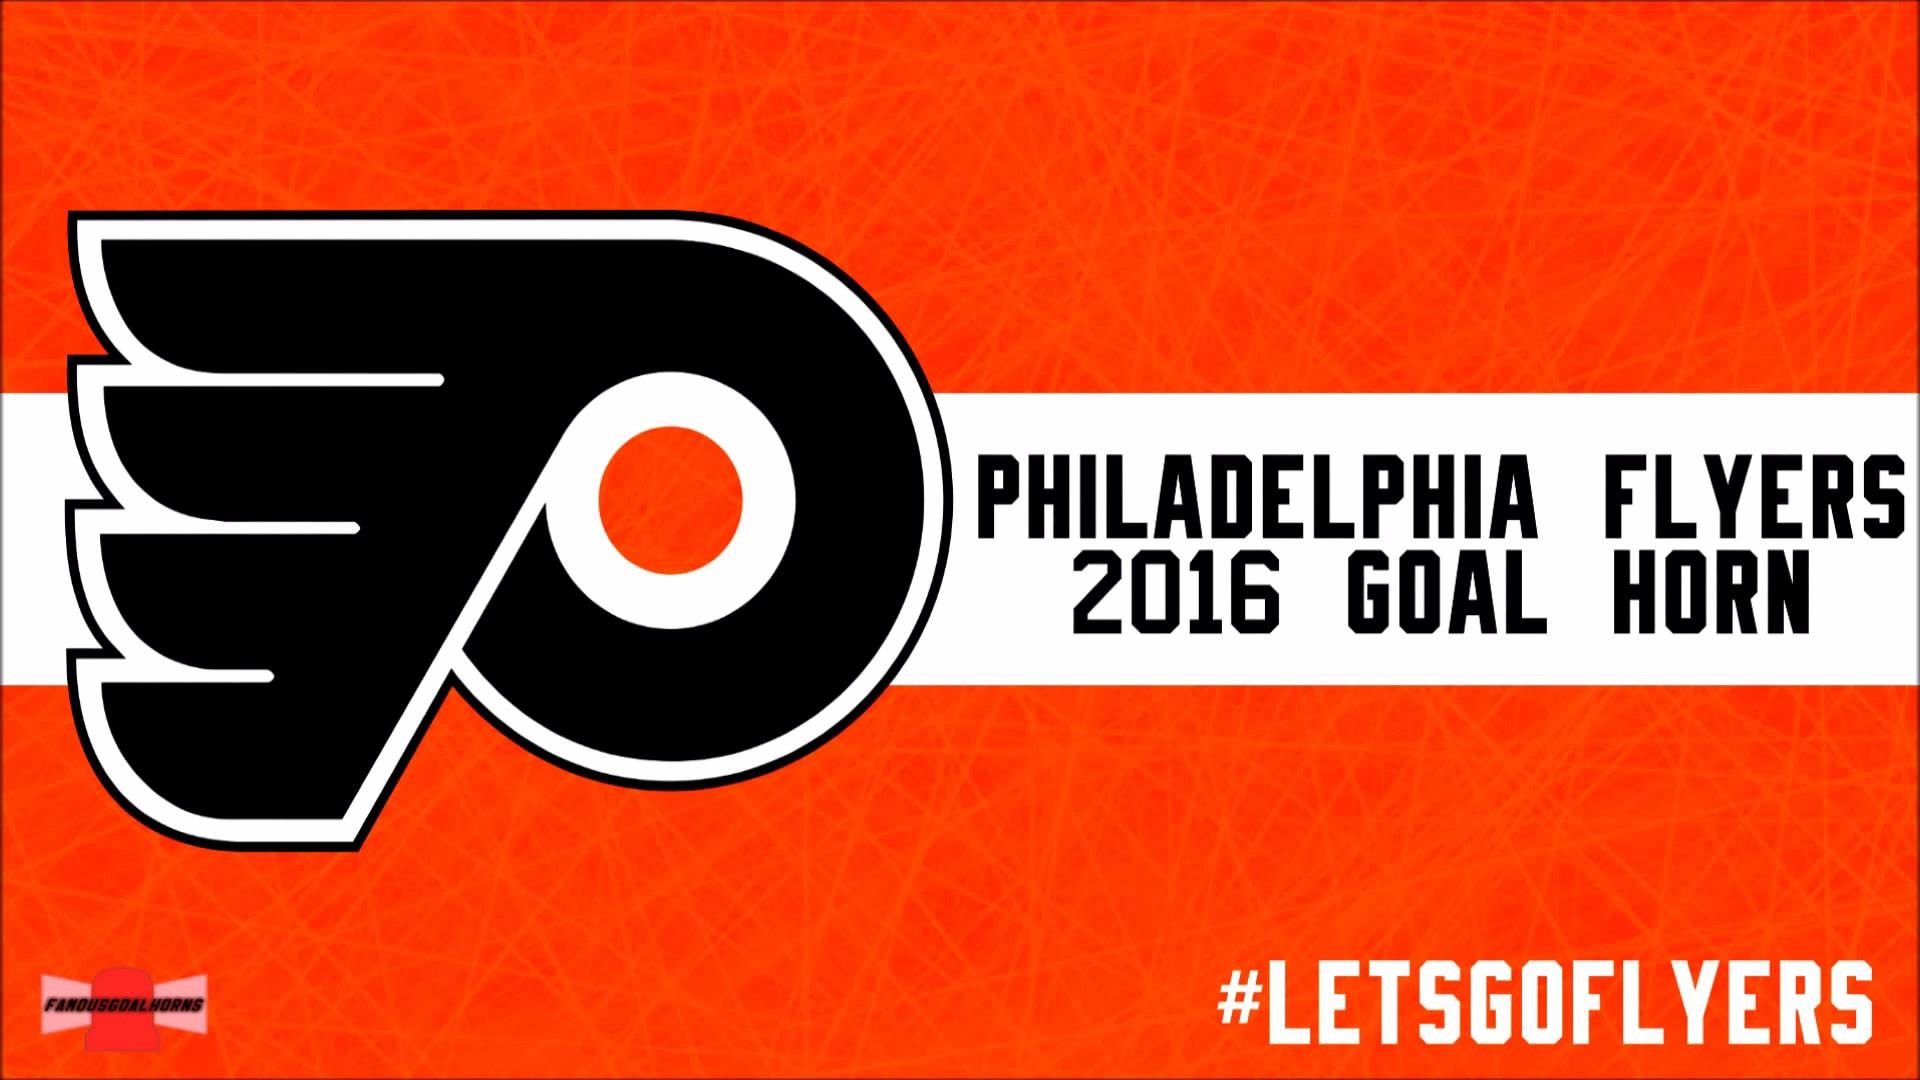 Philadelphia Flyers 2016 Goal Horn